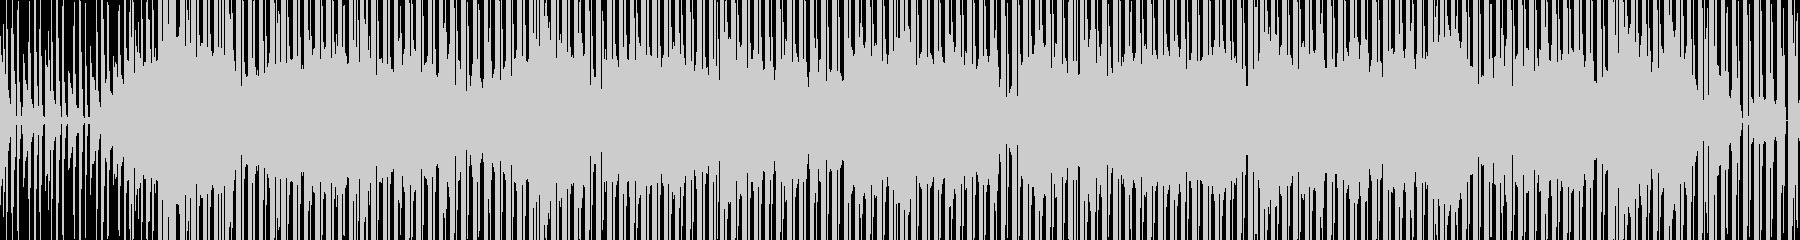 歪んだサックスソロ。ブルース&ダン...の未再生の波形